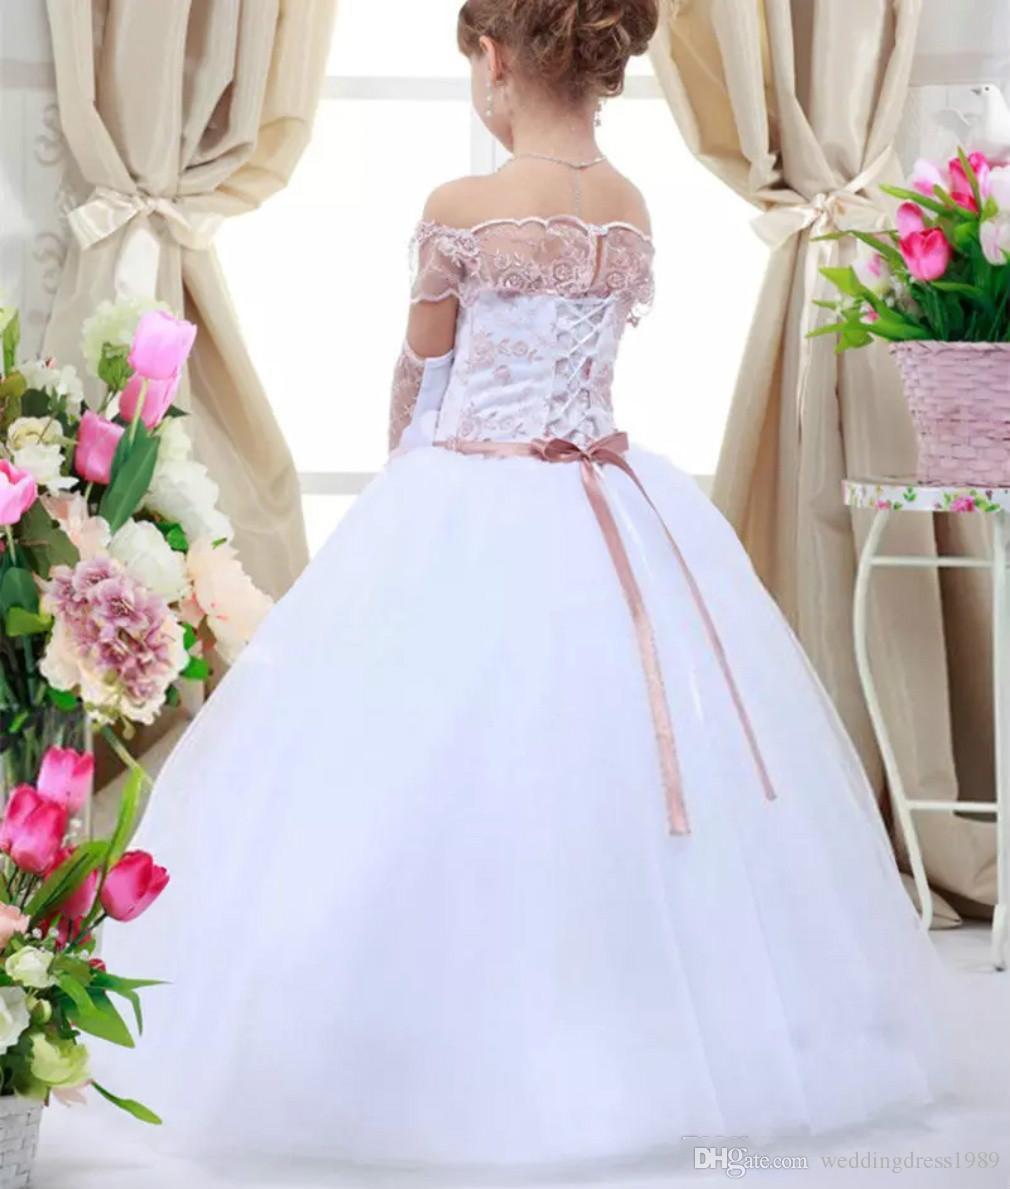 2018 Nueva princesa Little Girls Pageant Vestidos vestido de bola de tul blanco vestido de las niñas de flores para la boda bordado vestidos de fiesta baratos CS021